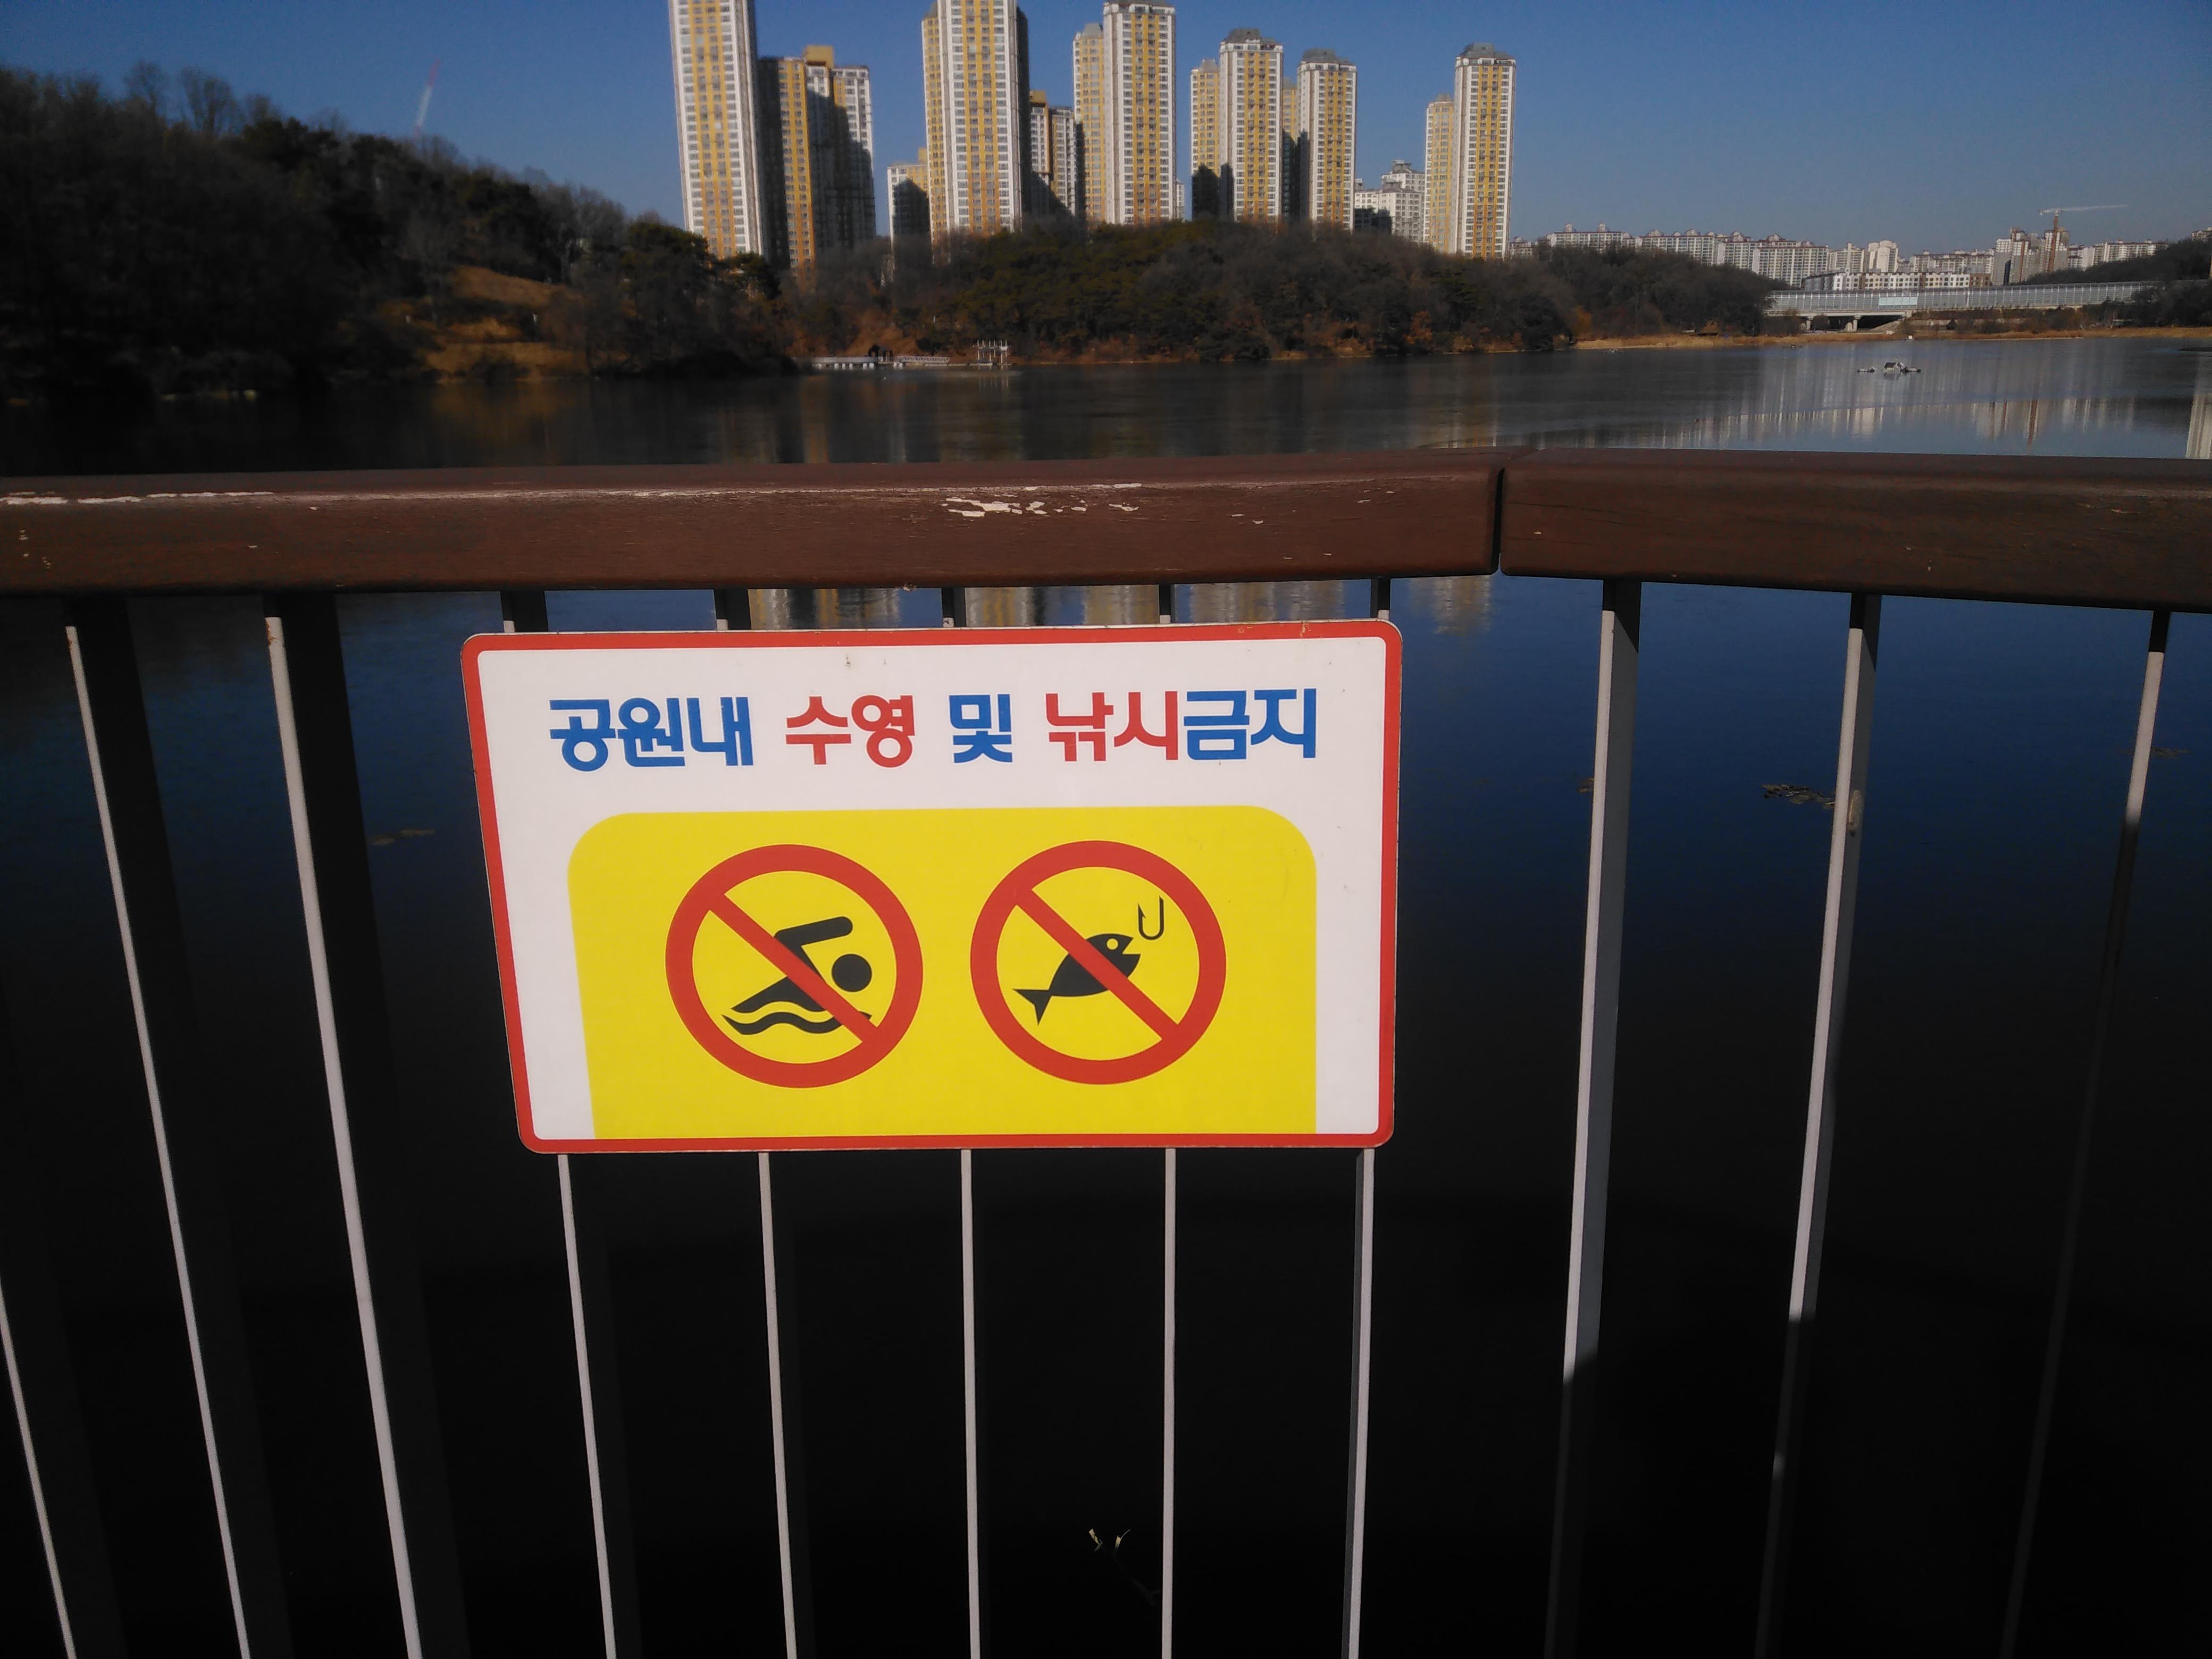 수영 및 낚시 금지